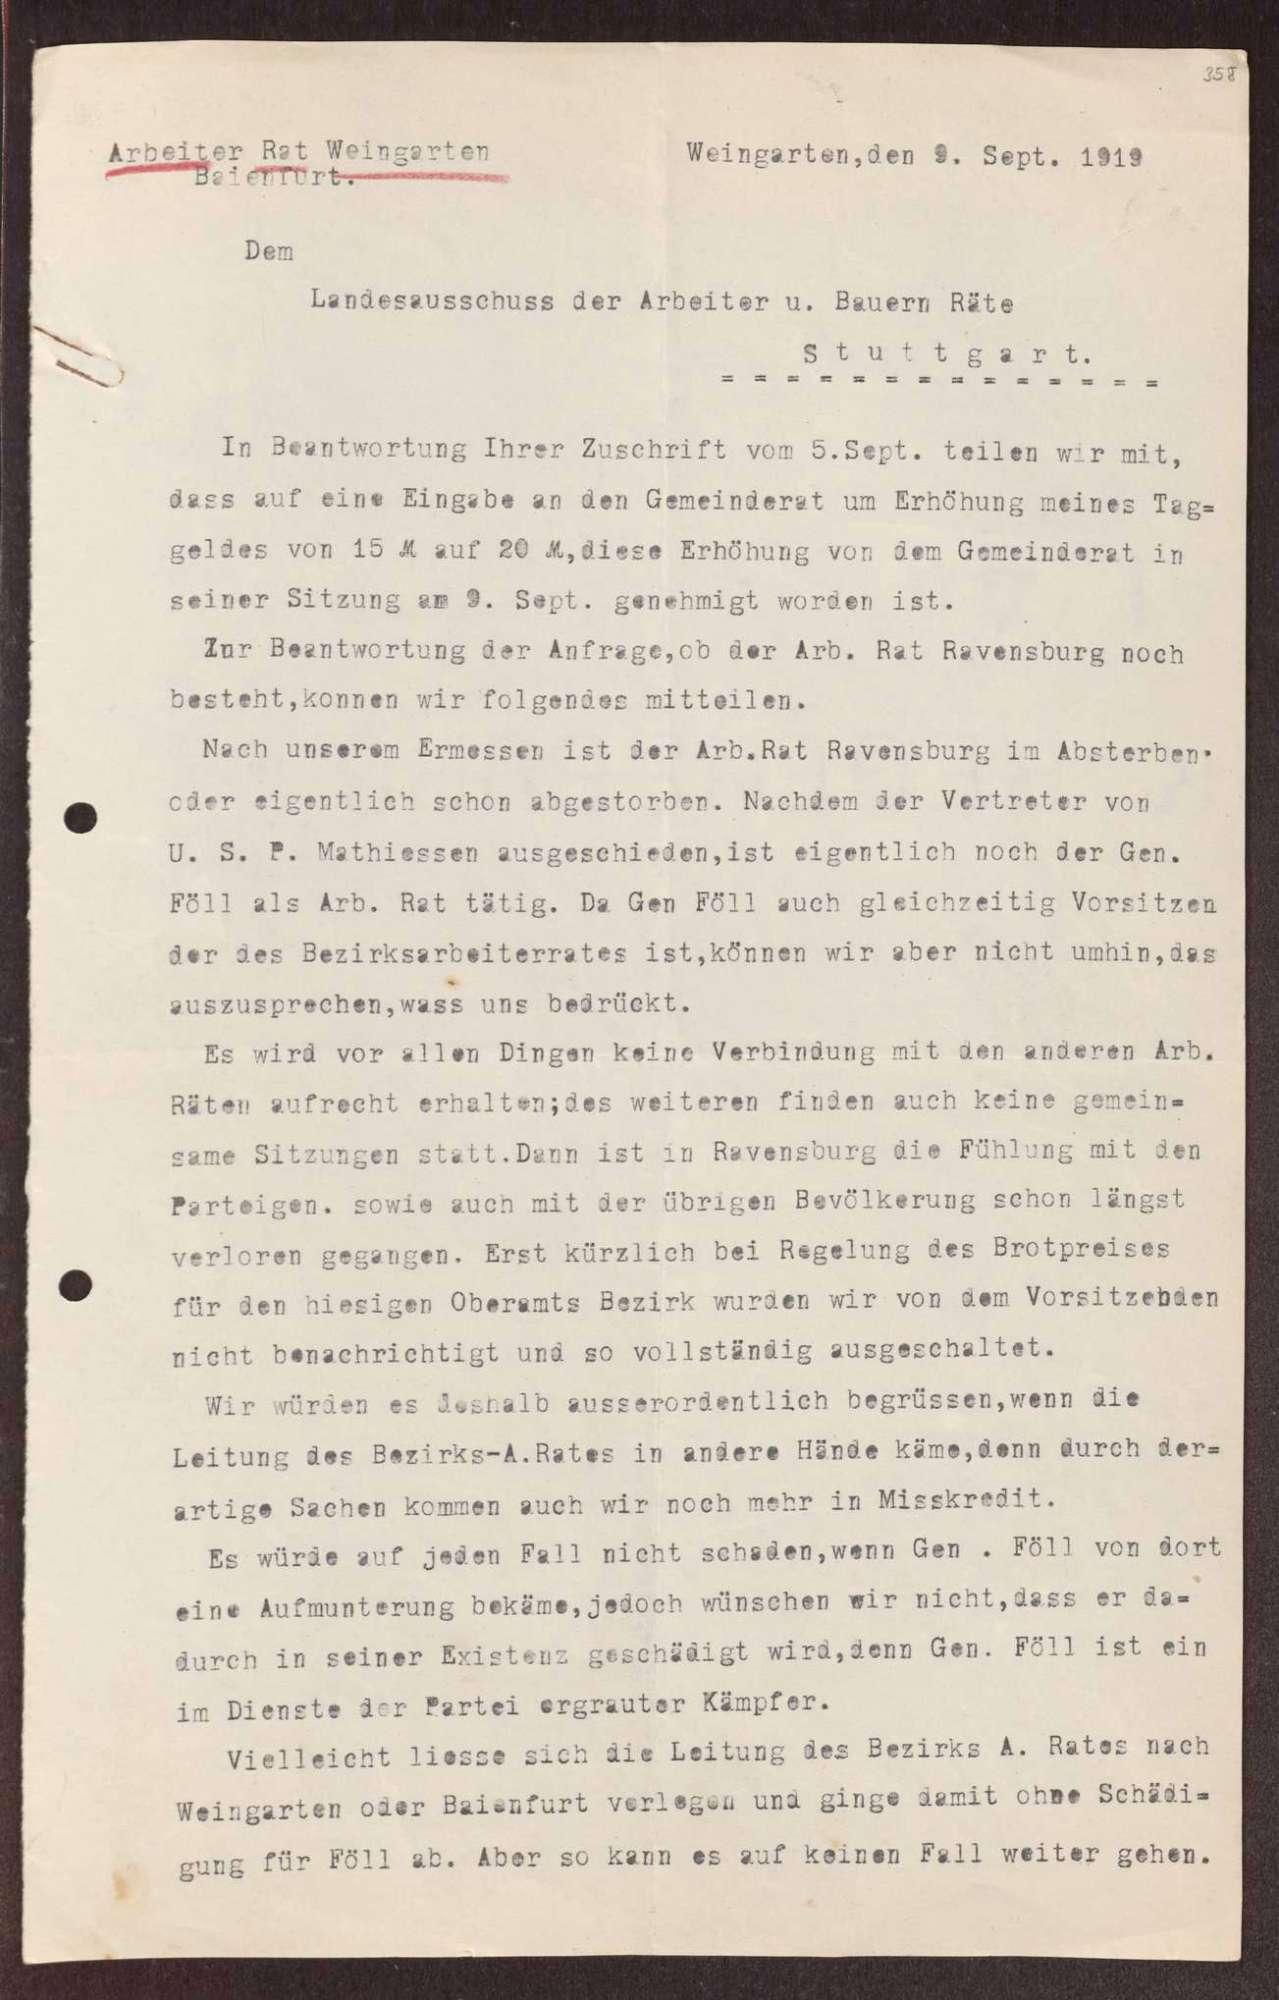 Wahl, Zusammensetzung und Auflösung der Arbeiter- und Bauernräte im Oberamt Ravensburg, Bild 2